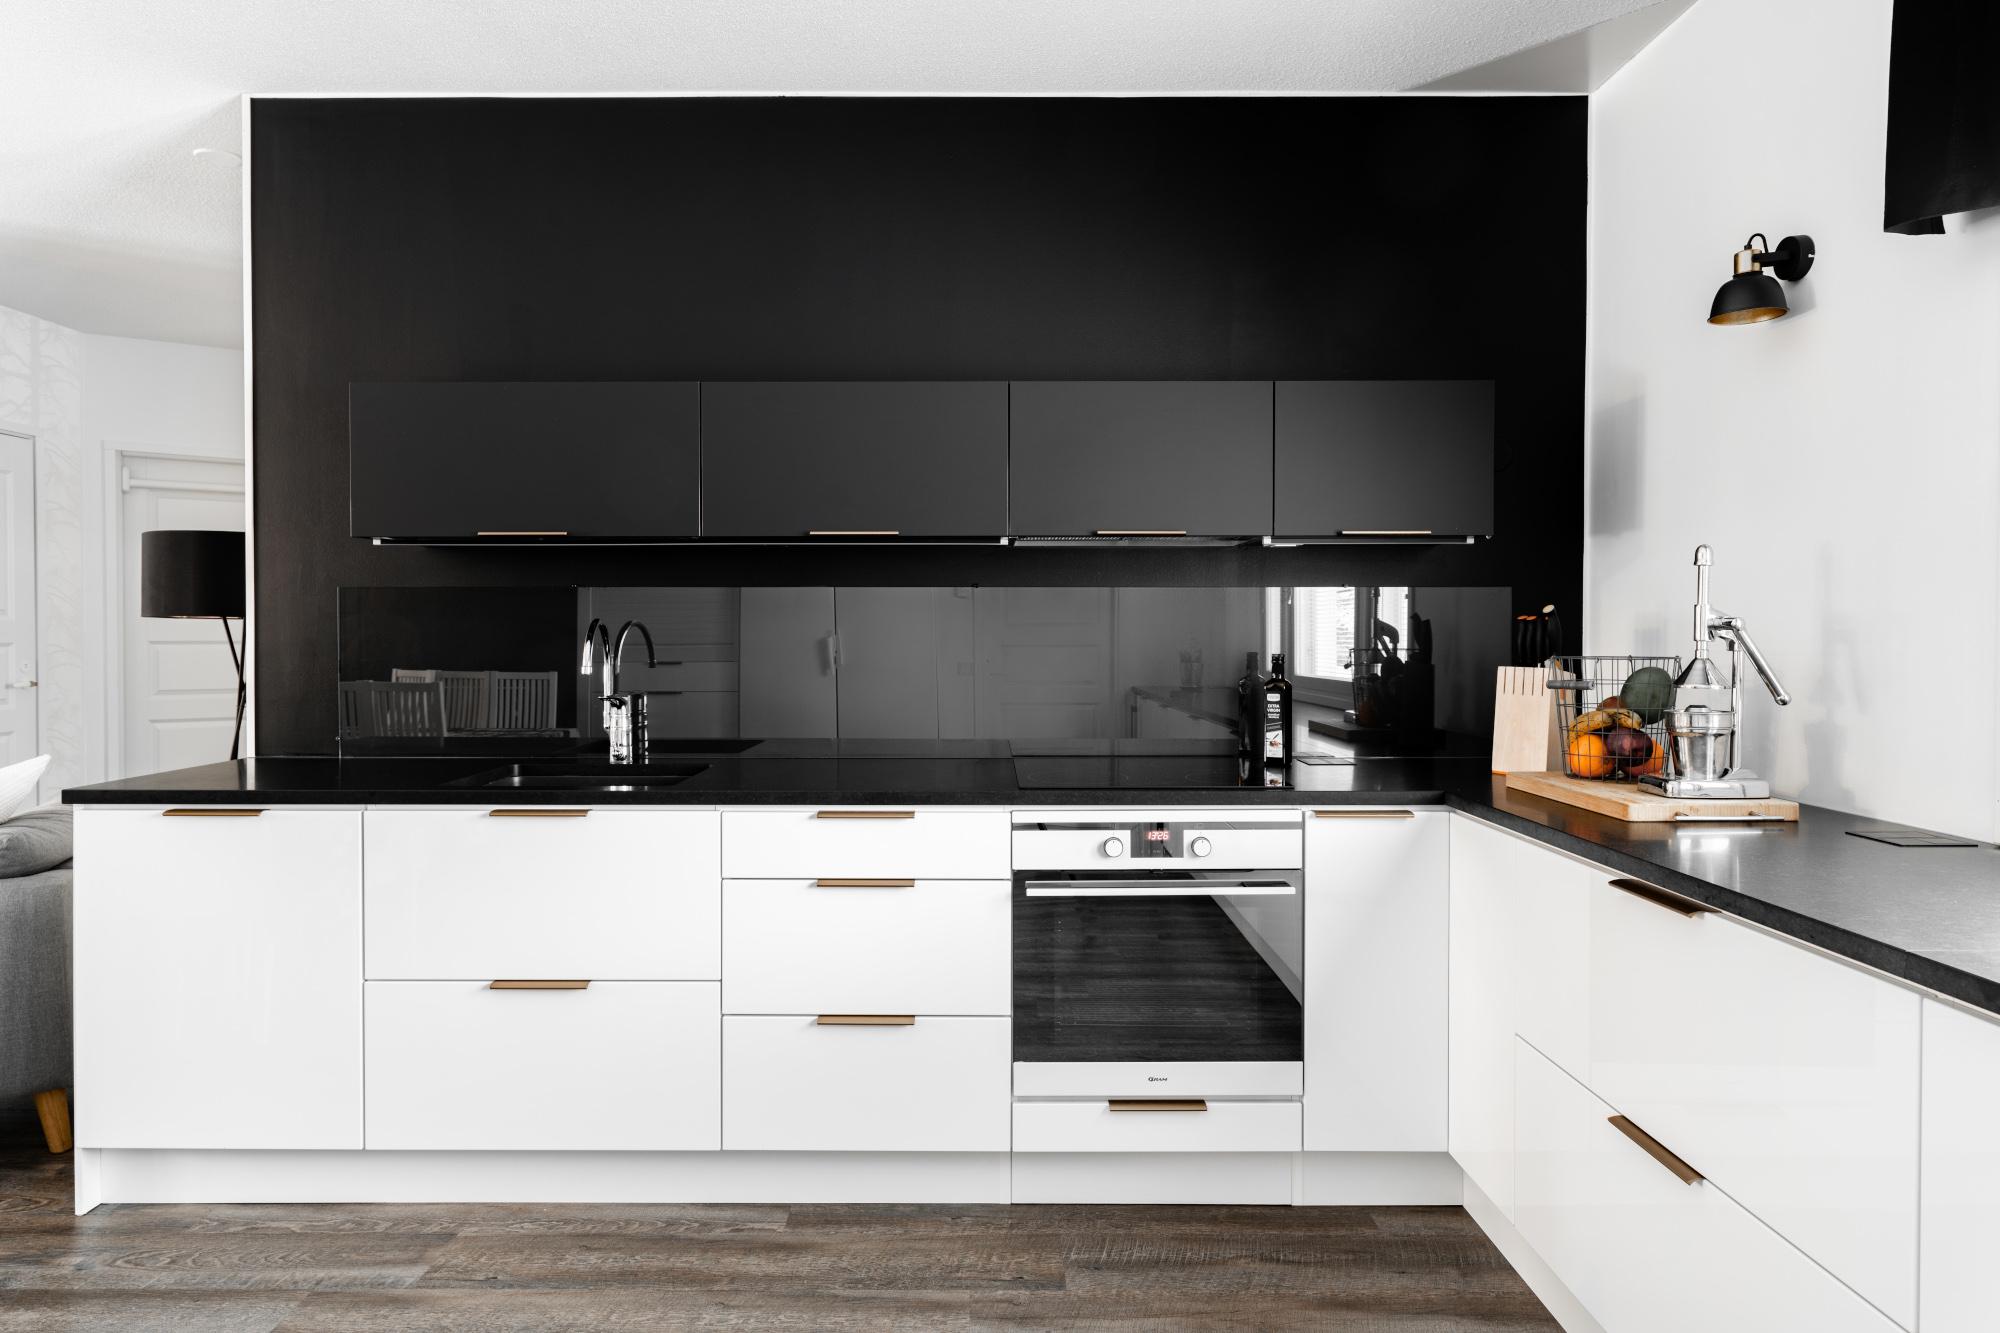 edulliset keittiökalusteet savonlinna - mitta-keittiöt